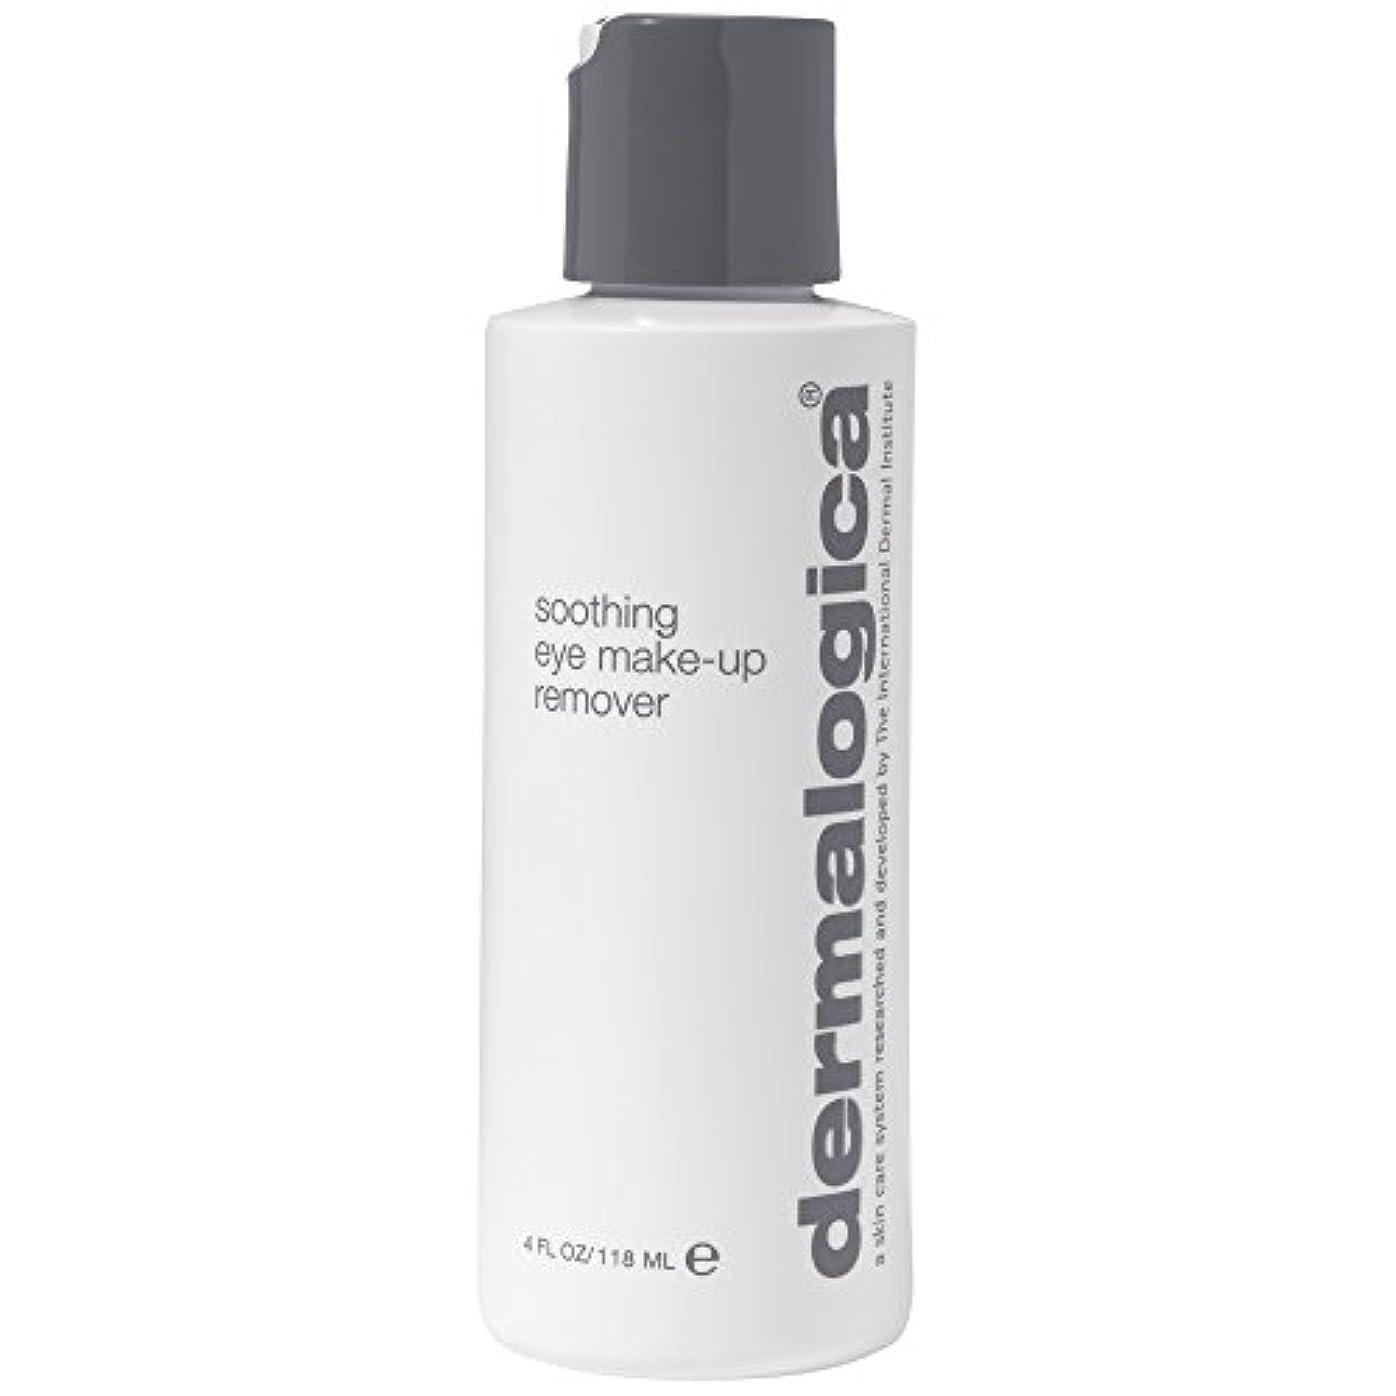 サーバドライバハドルダーマロジカなだめるアイメイクアップリムーバーの118ミリリットル (Dermalogica) - Dermalogica Soothing Eye Makeup Remover 118ml [並行輸入品]